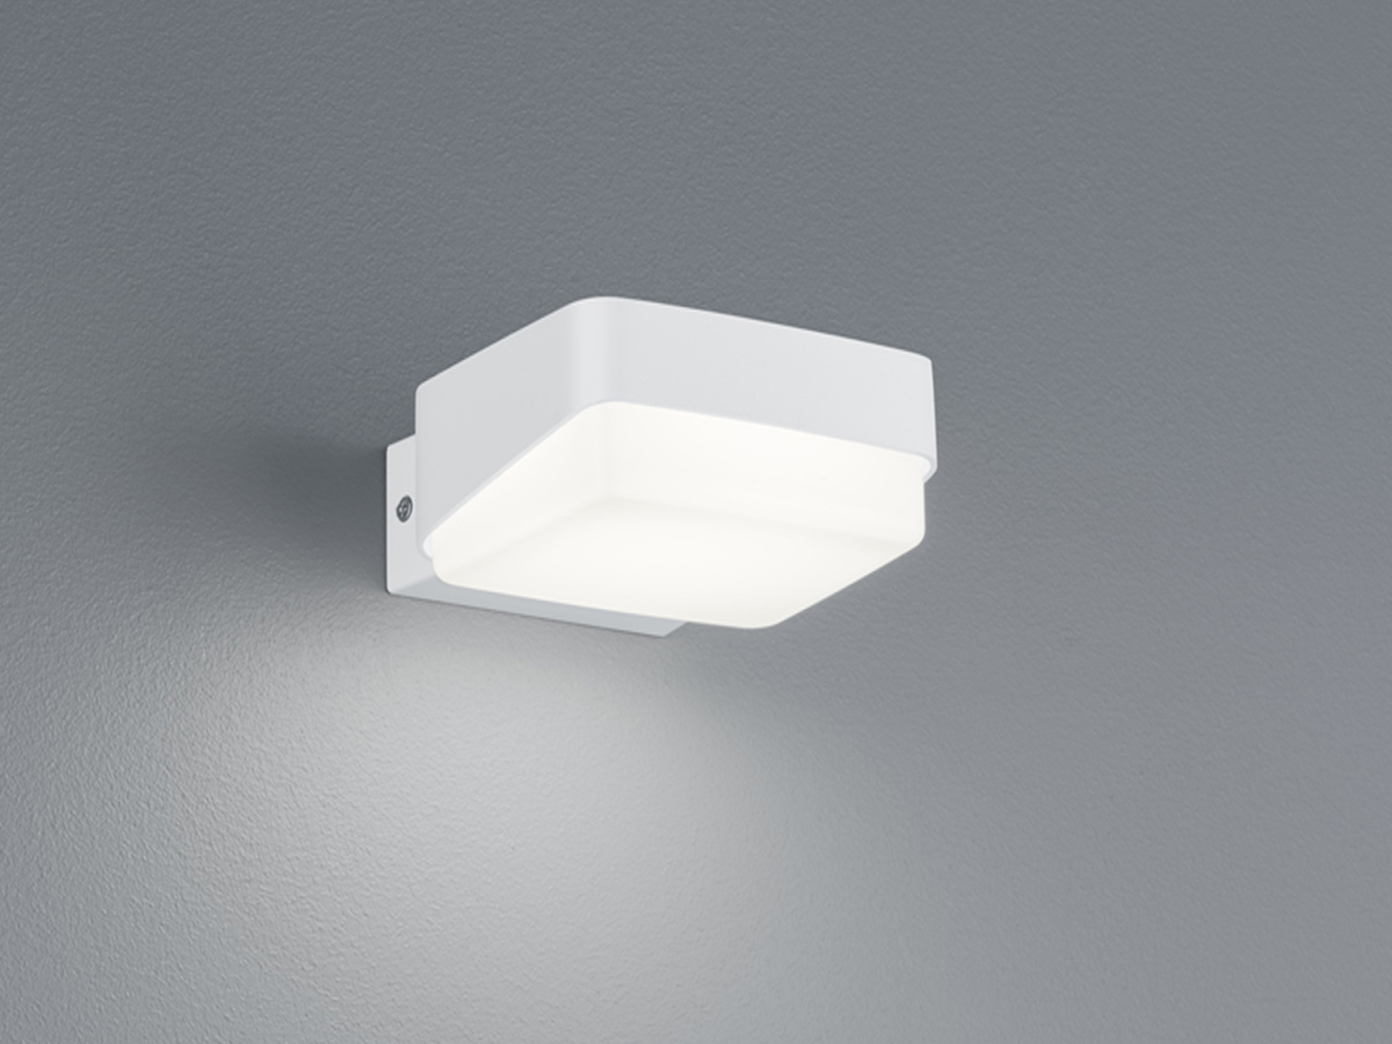 2 Moderne &eckige LED Wandlampen für drinnen drinnen drinnen & draußen Aluminium matt weiß IP65 375eaf